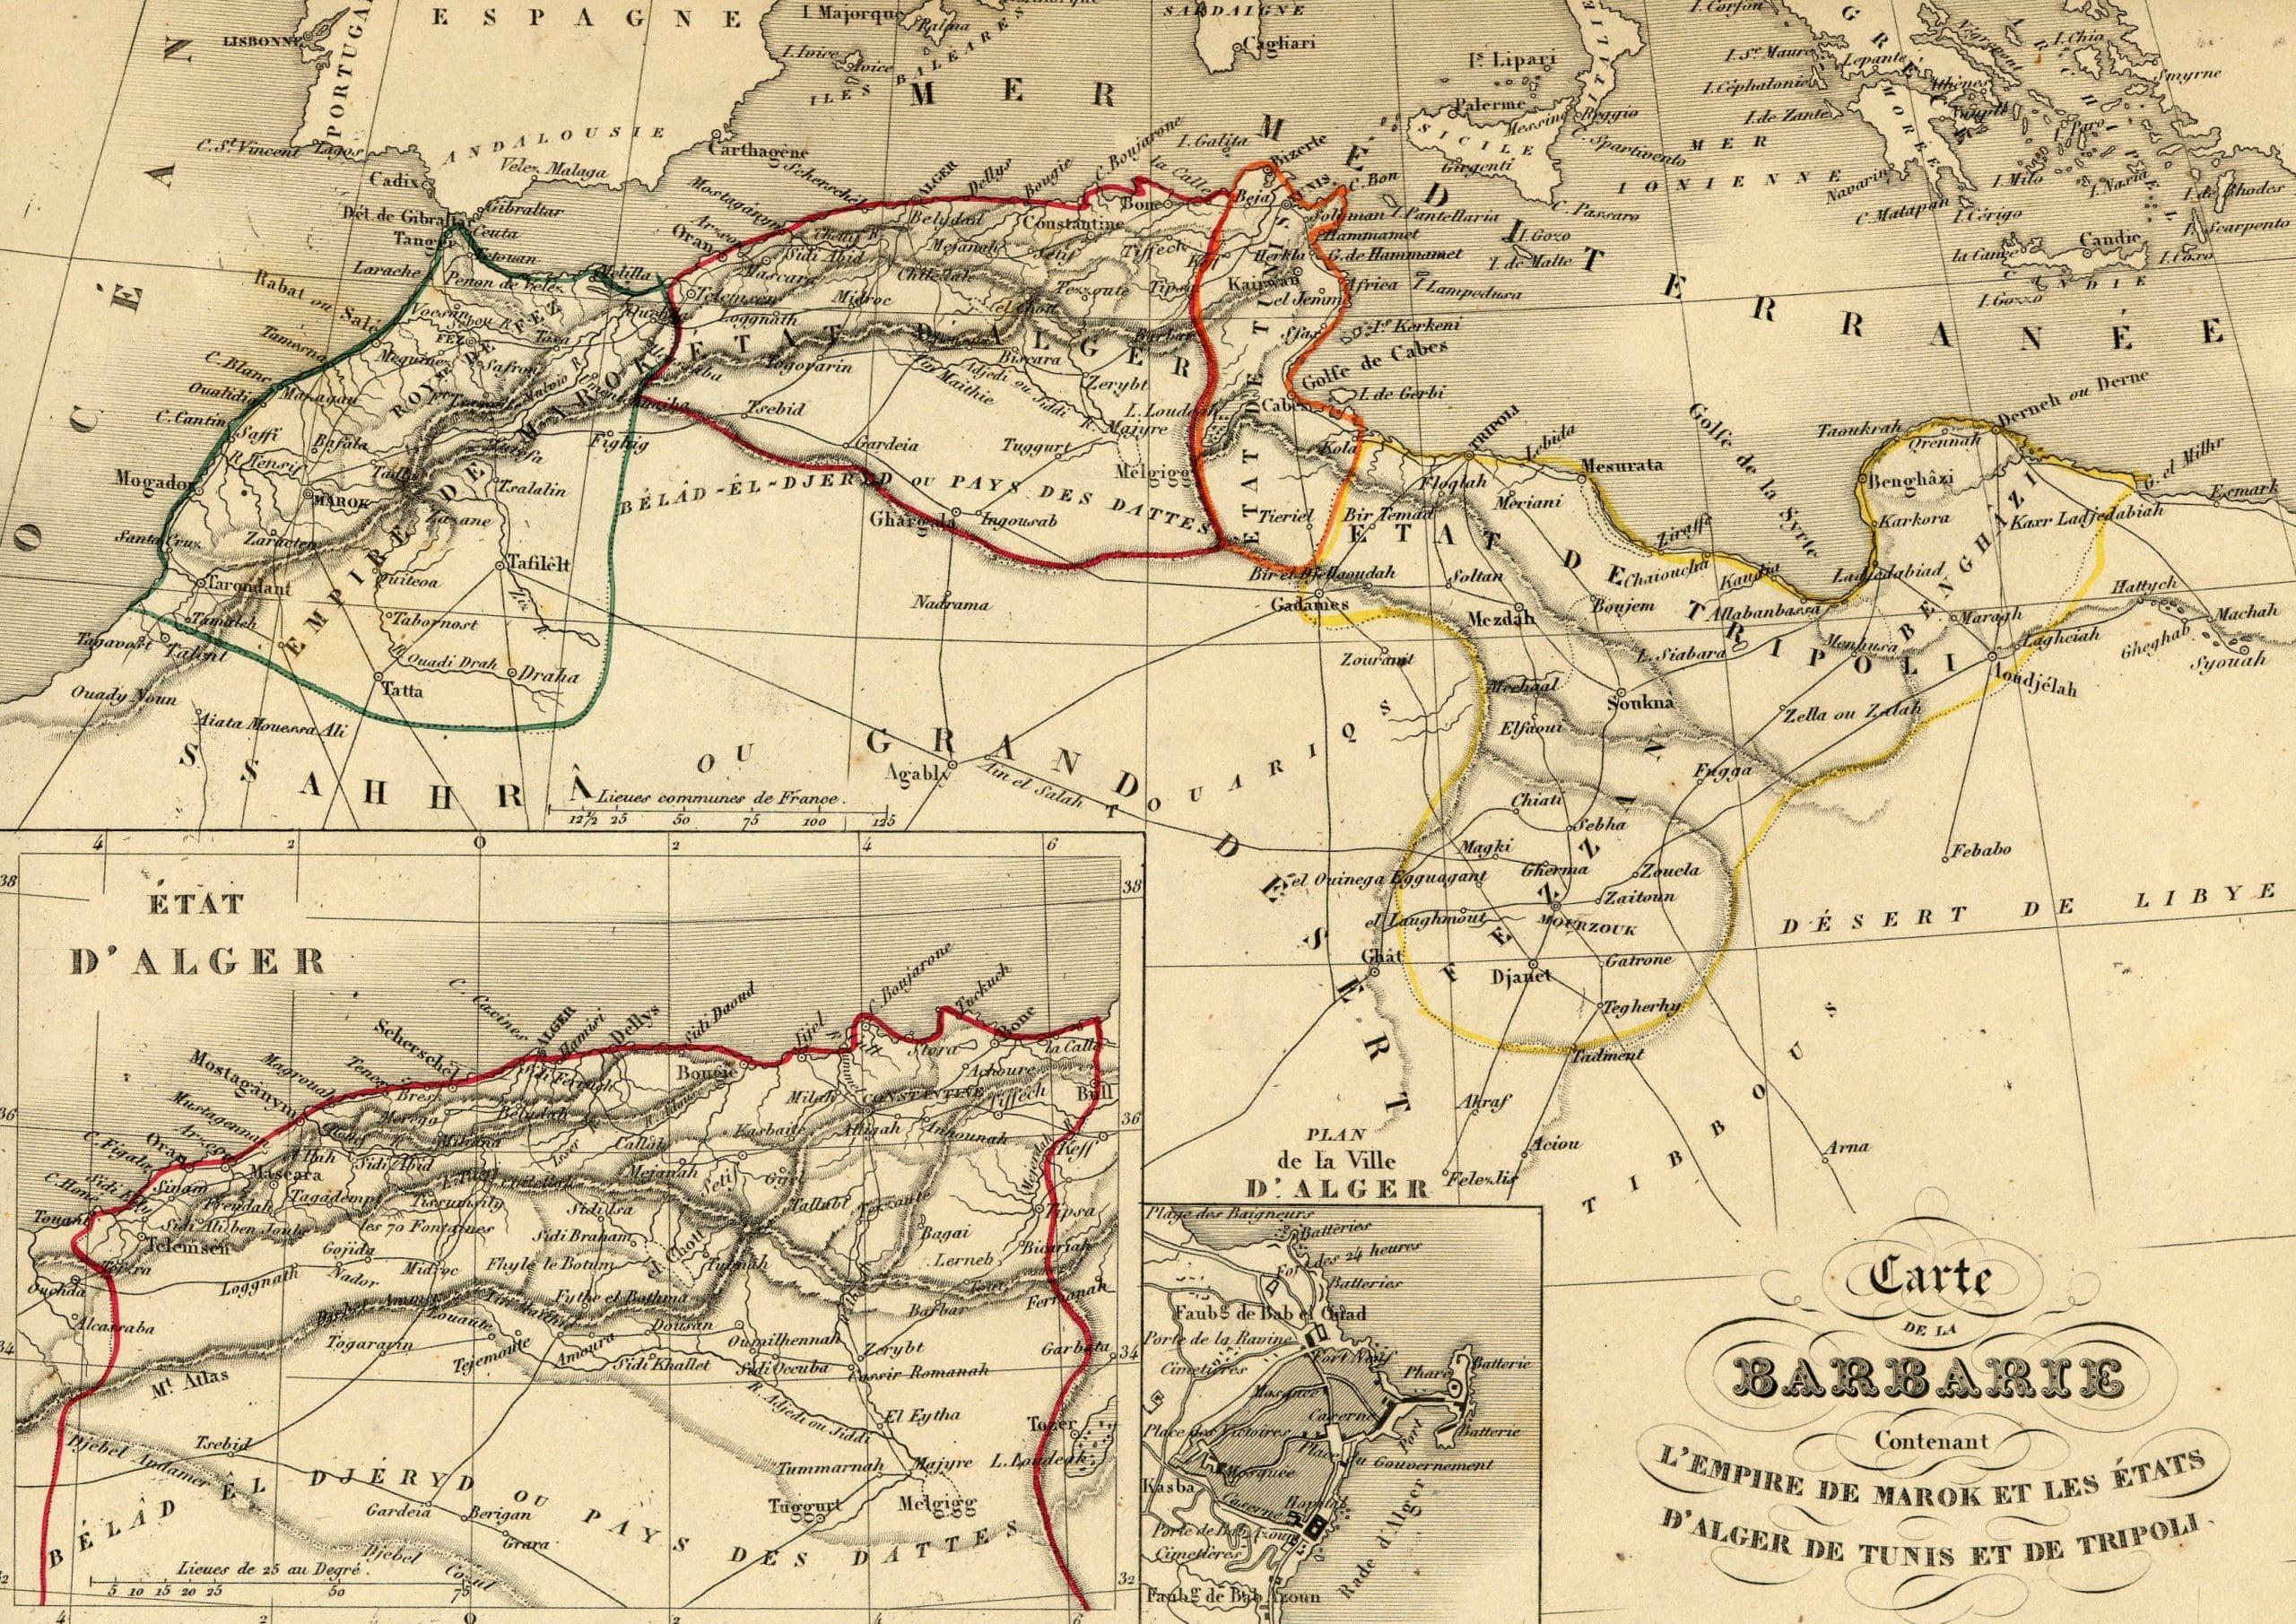 ليبيا معاهدة السلام إسبانيا